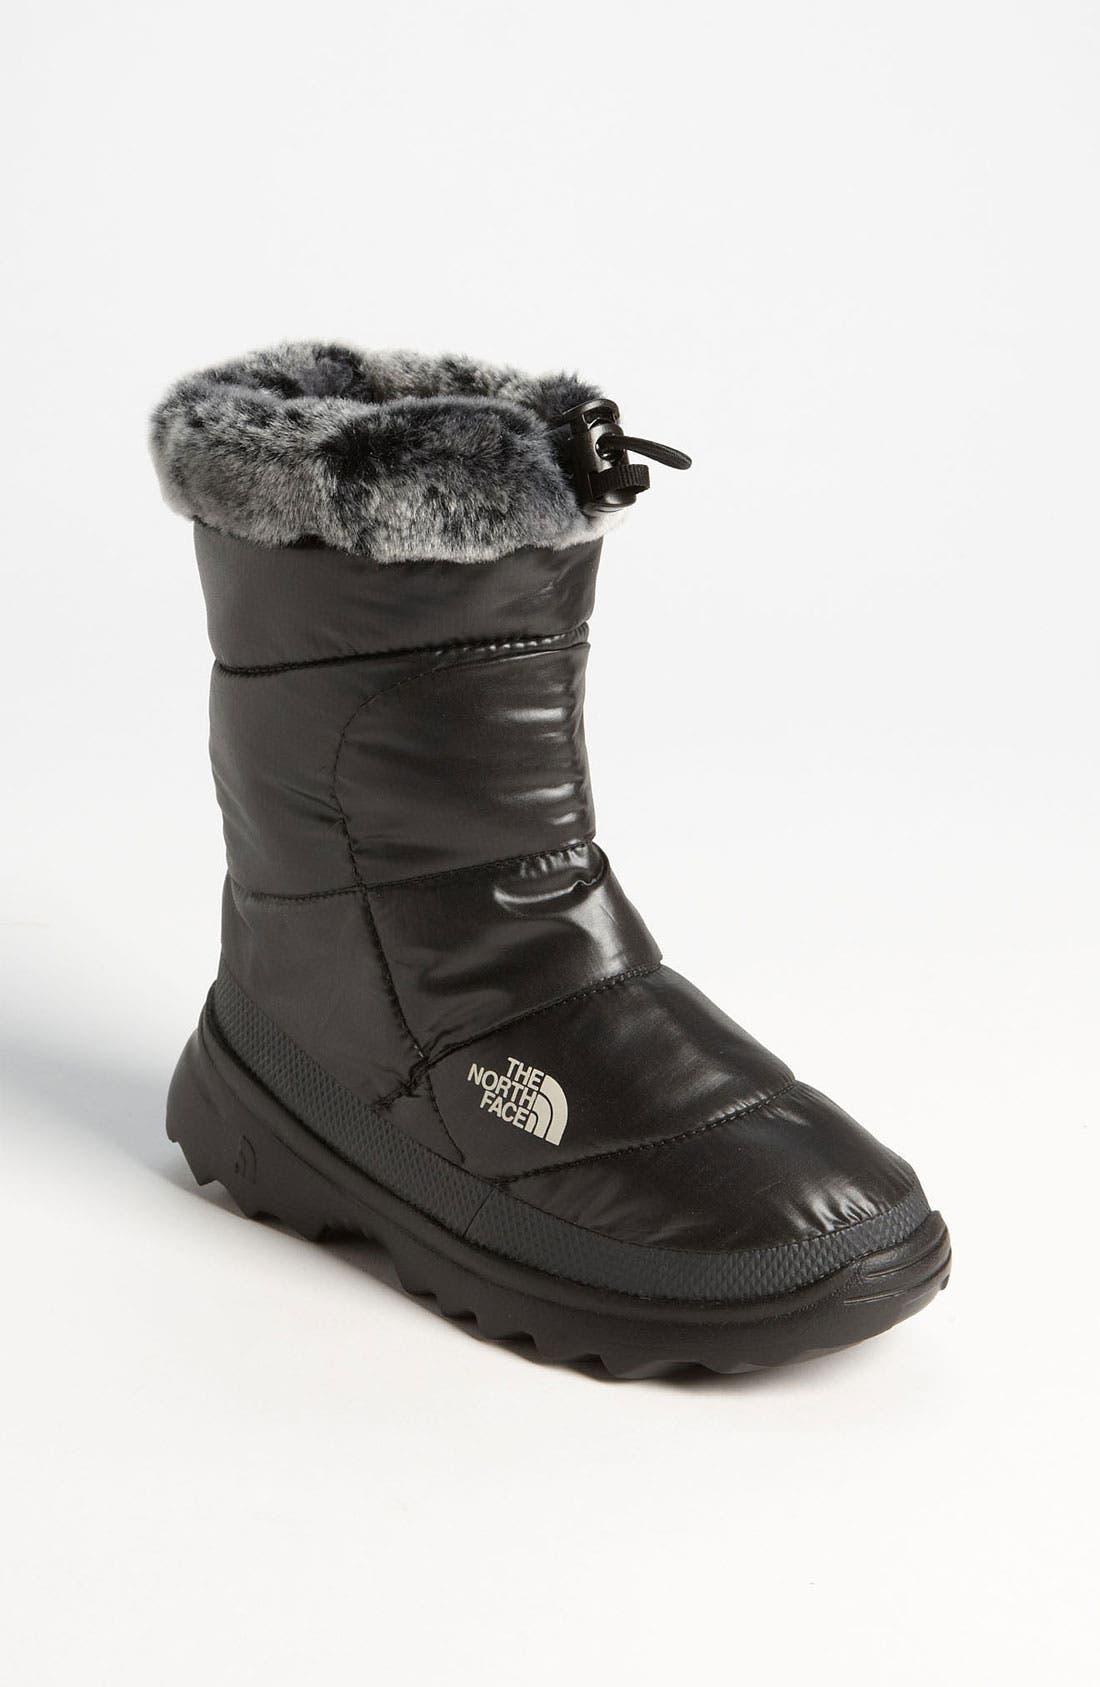 Alternate Image 1 Selected - The North Face 'Nuptse® II' Boot (Little Kid & Big Kid)